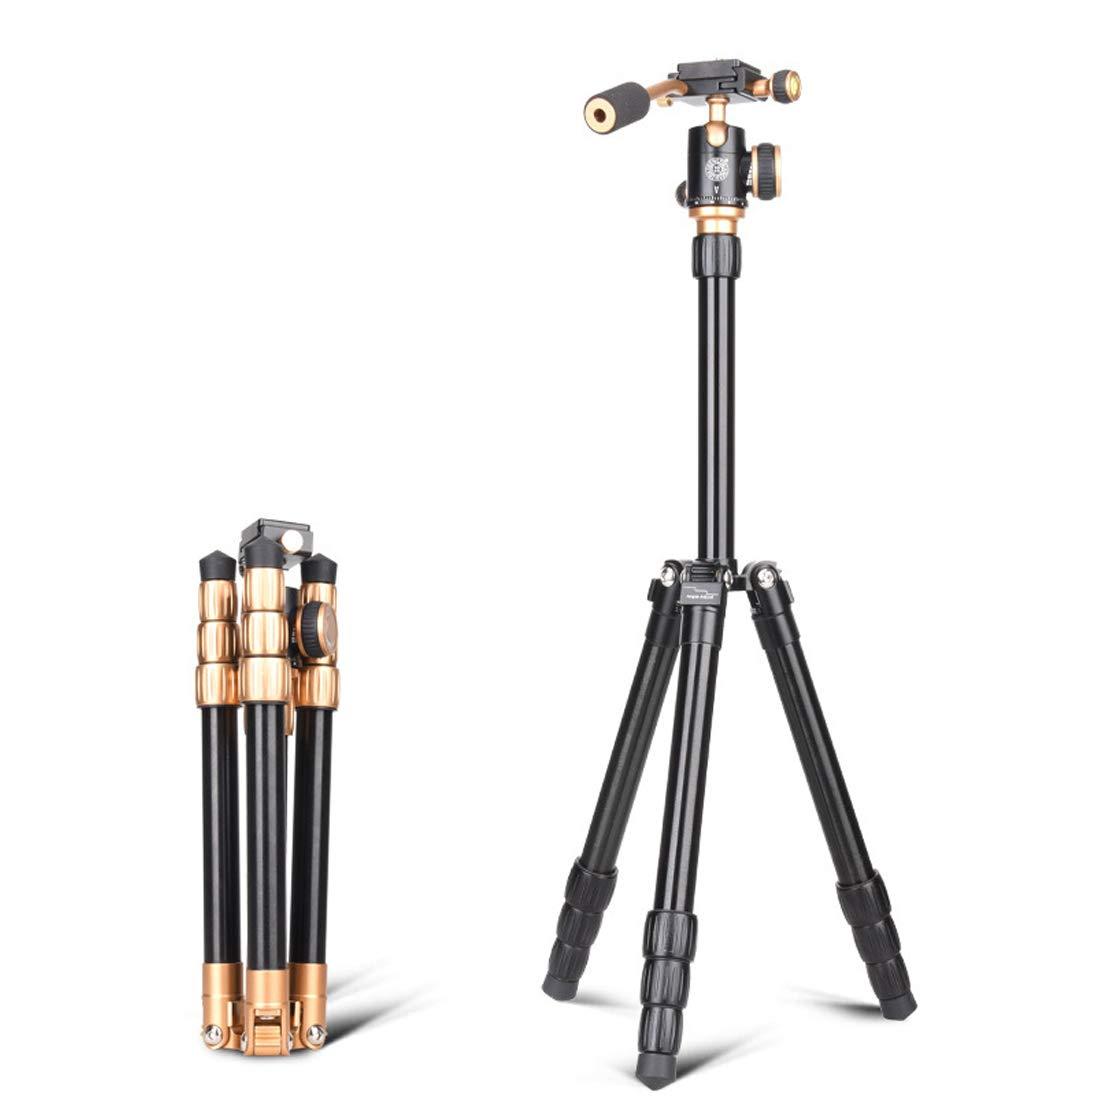 【新作からSALEアイテム等お得な商品満載】 旅行 三脚 カメラ ブラケット ブラケット B07QXYXQ1C 重量0.94kg 40-118cm Dslr一眼レフソニーキヤノンニコンとその他のカメラ機器に対応(35kgゴールド 旅行 - ブラック) B07QXYXQ1C, トヨサカシ:f943159d --- martinemoeykens.com